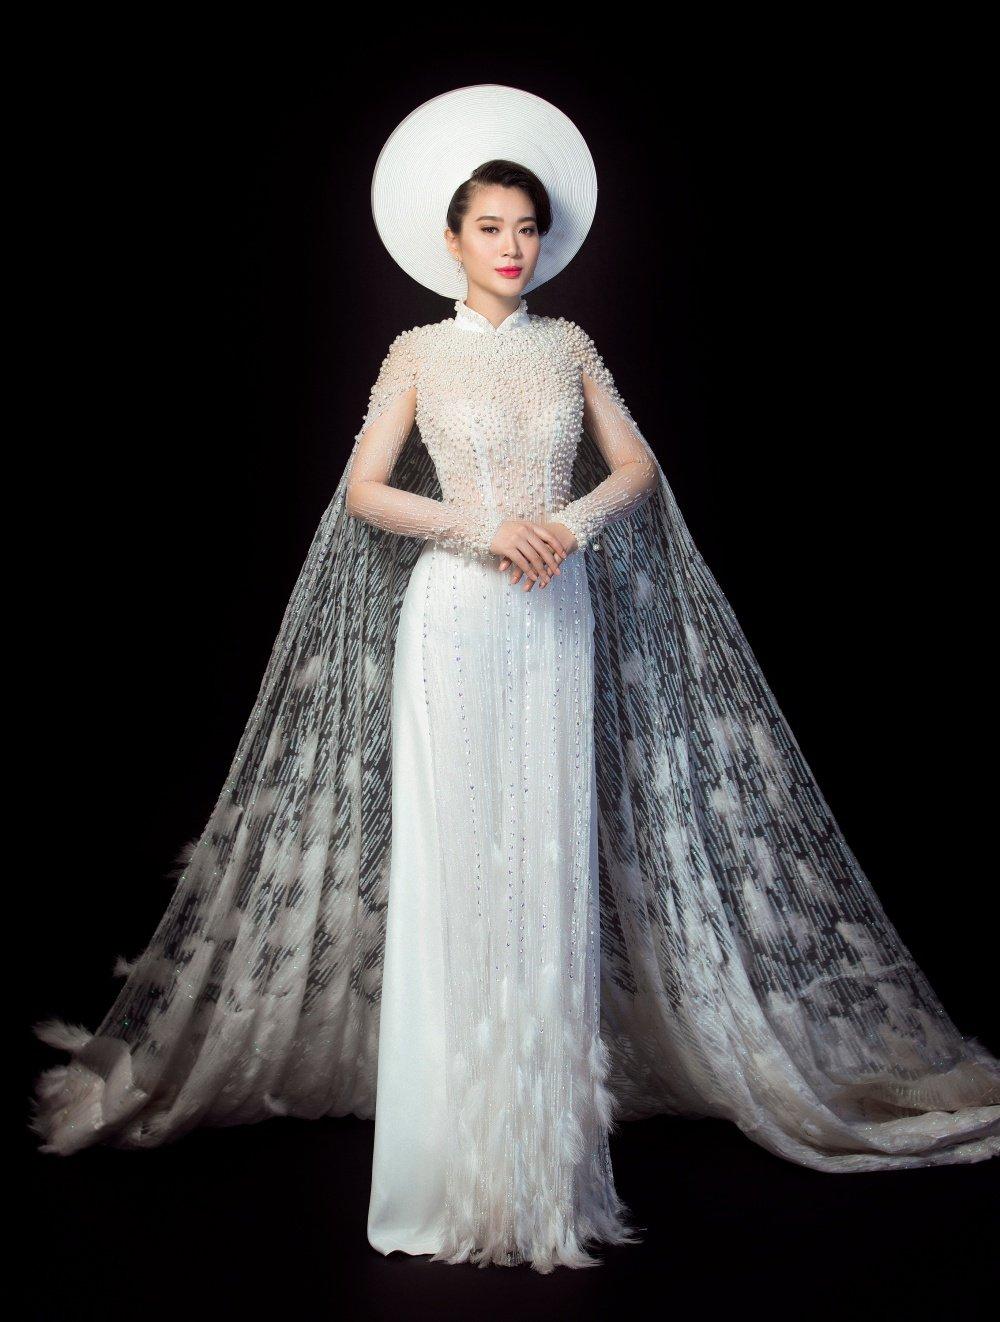 Vu Binh Minh khoe nhan sac sexy truoc khi du thi 'Hoa hau Doanh nhan Toan cau' hinh anh 1